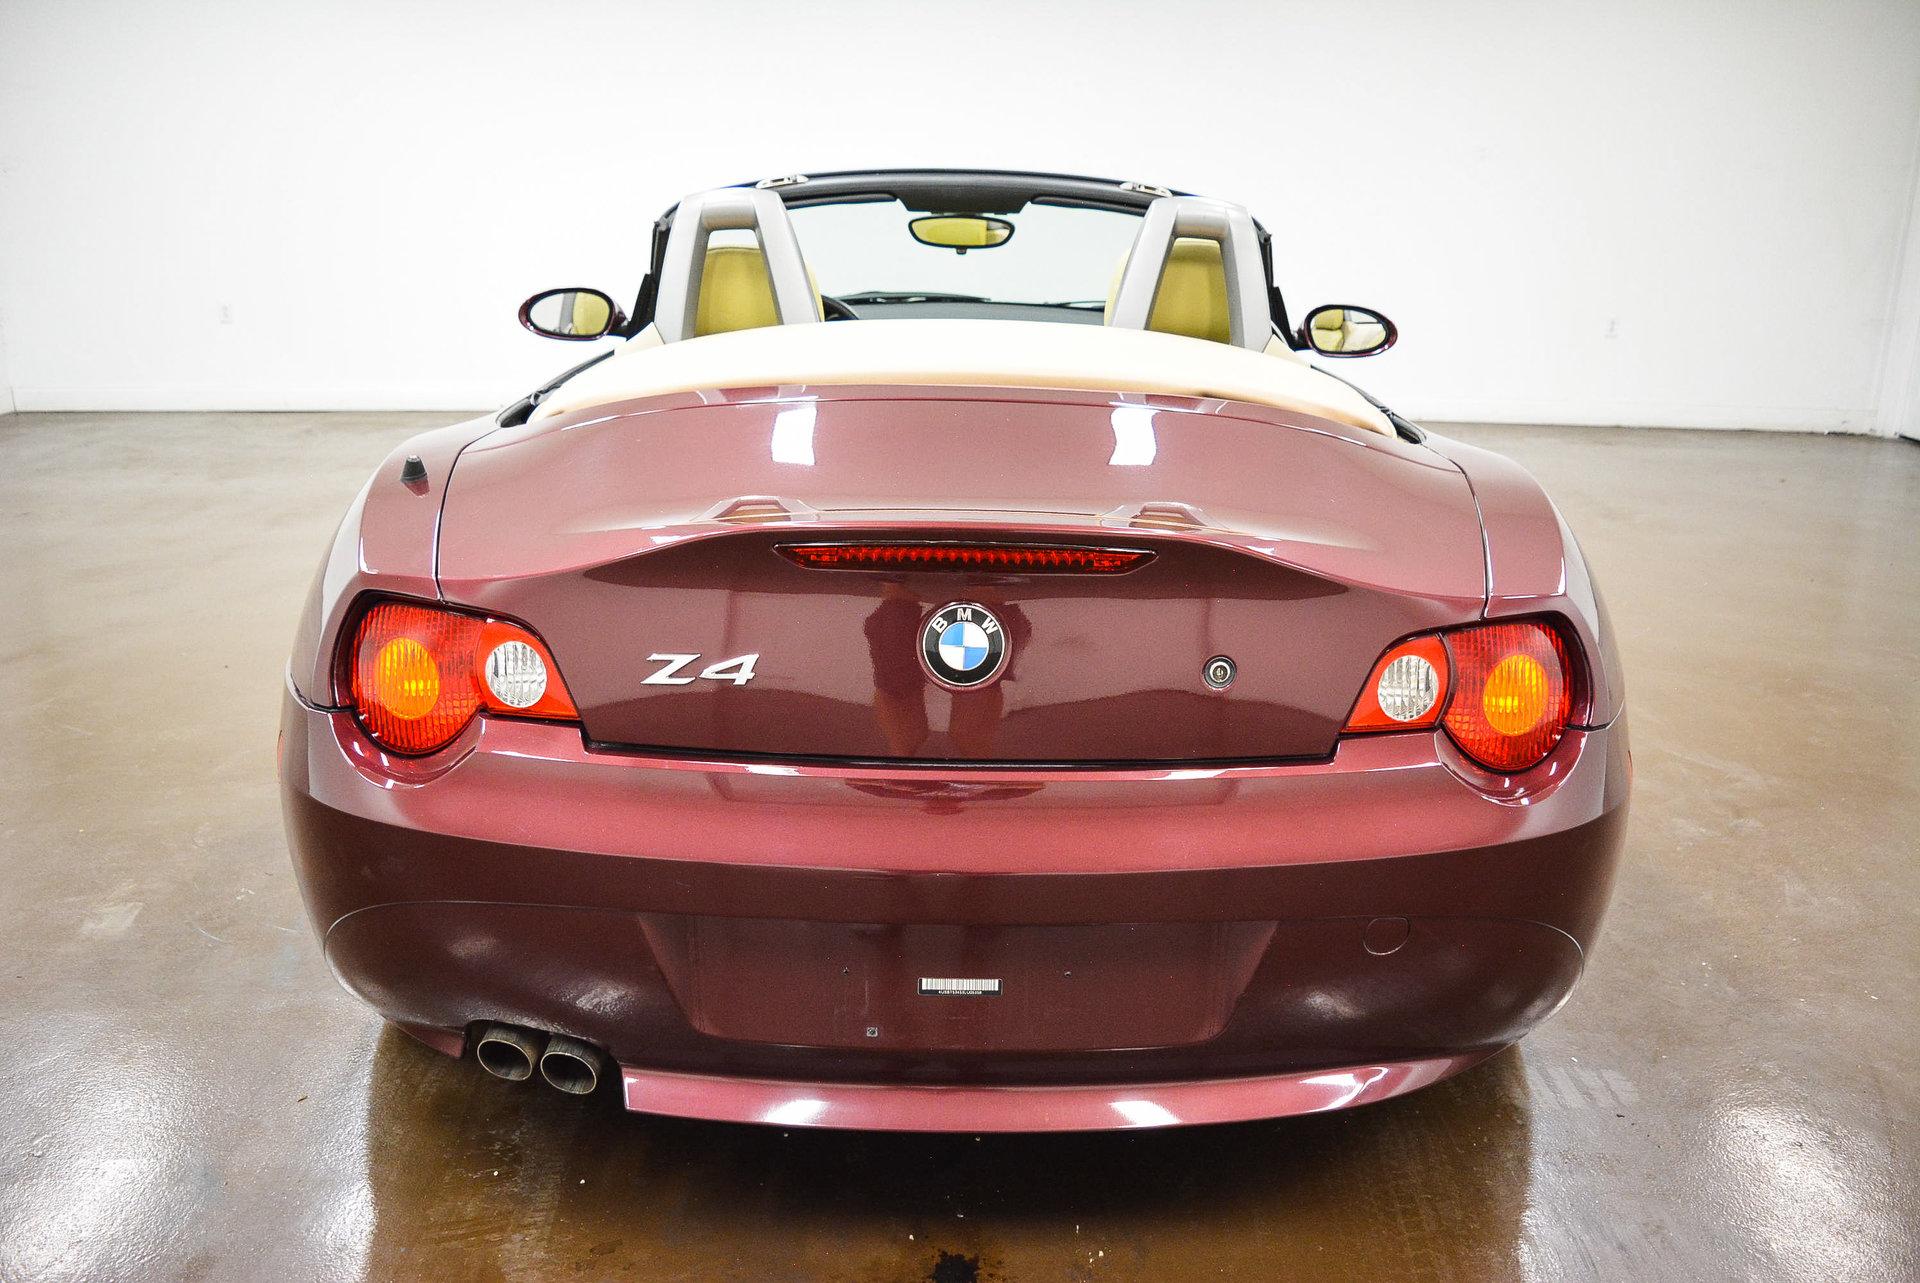 2003 Bmw Z4 For Sale 87727 Mcg